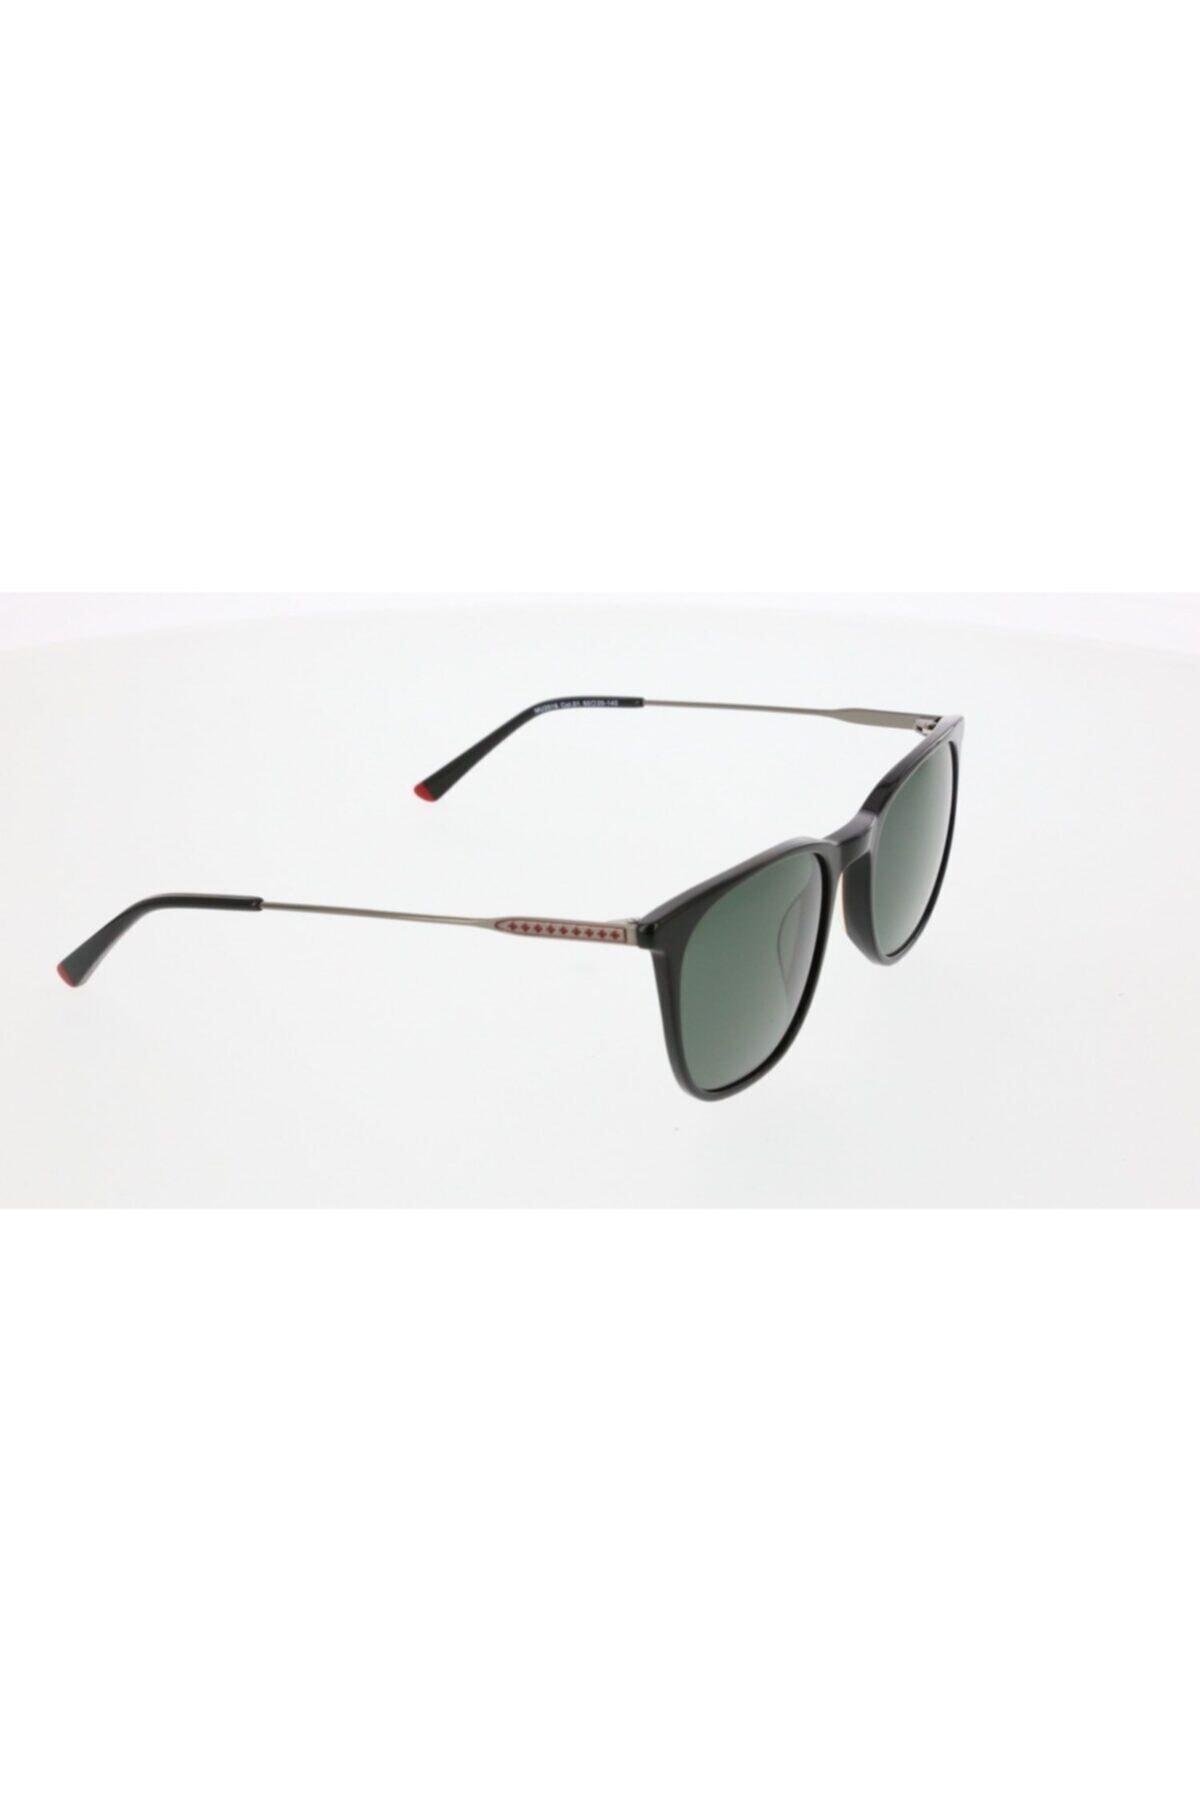 عینک دودی یونیسکس نخ پنبه برند موستانگ رنگ نقره ای کد ty35106628